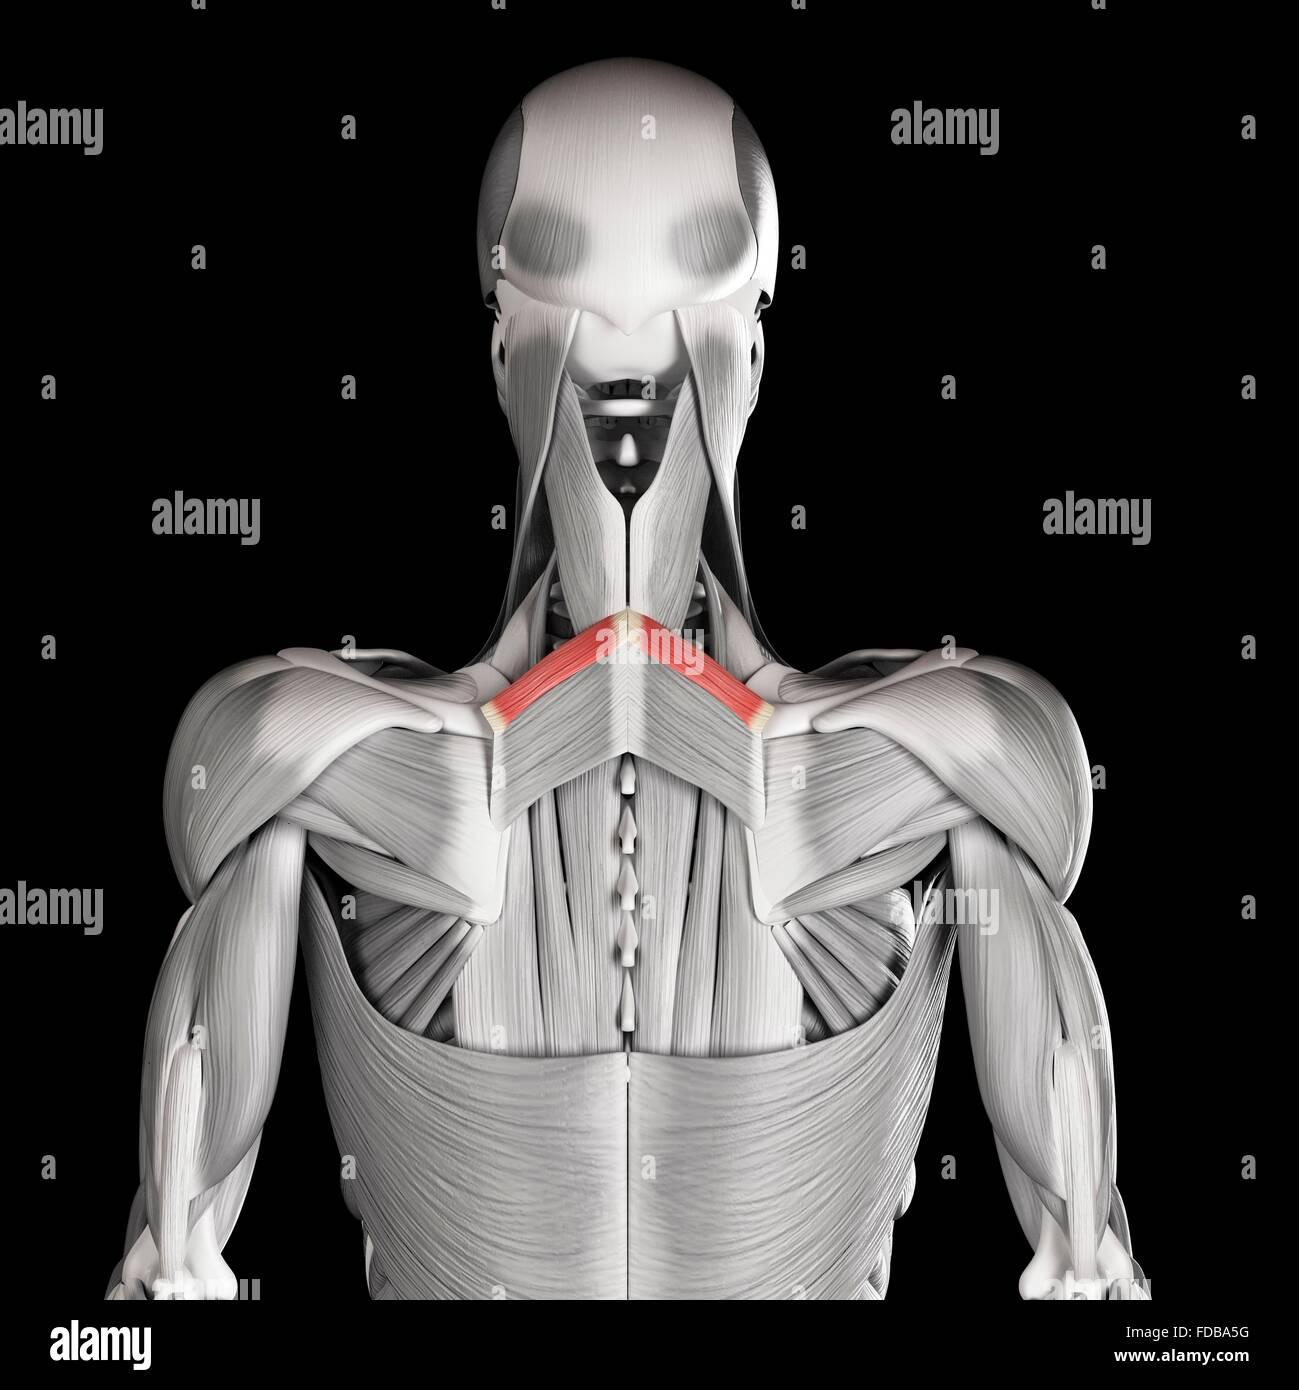 Fantástico Menor Músculos Anatomía Back Embellecimiento - Imágenes ...